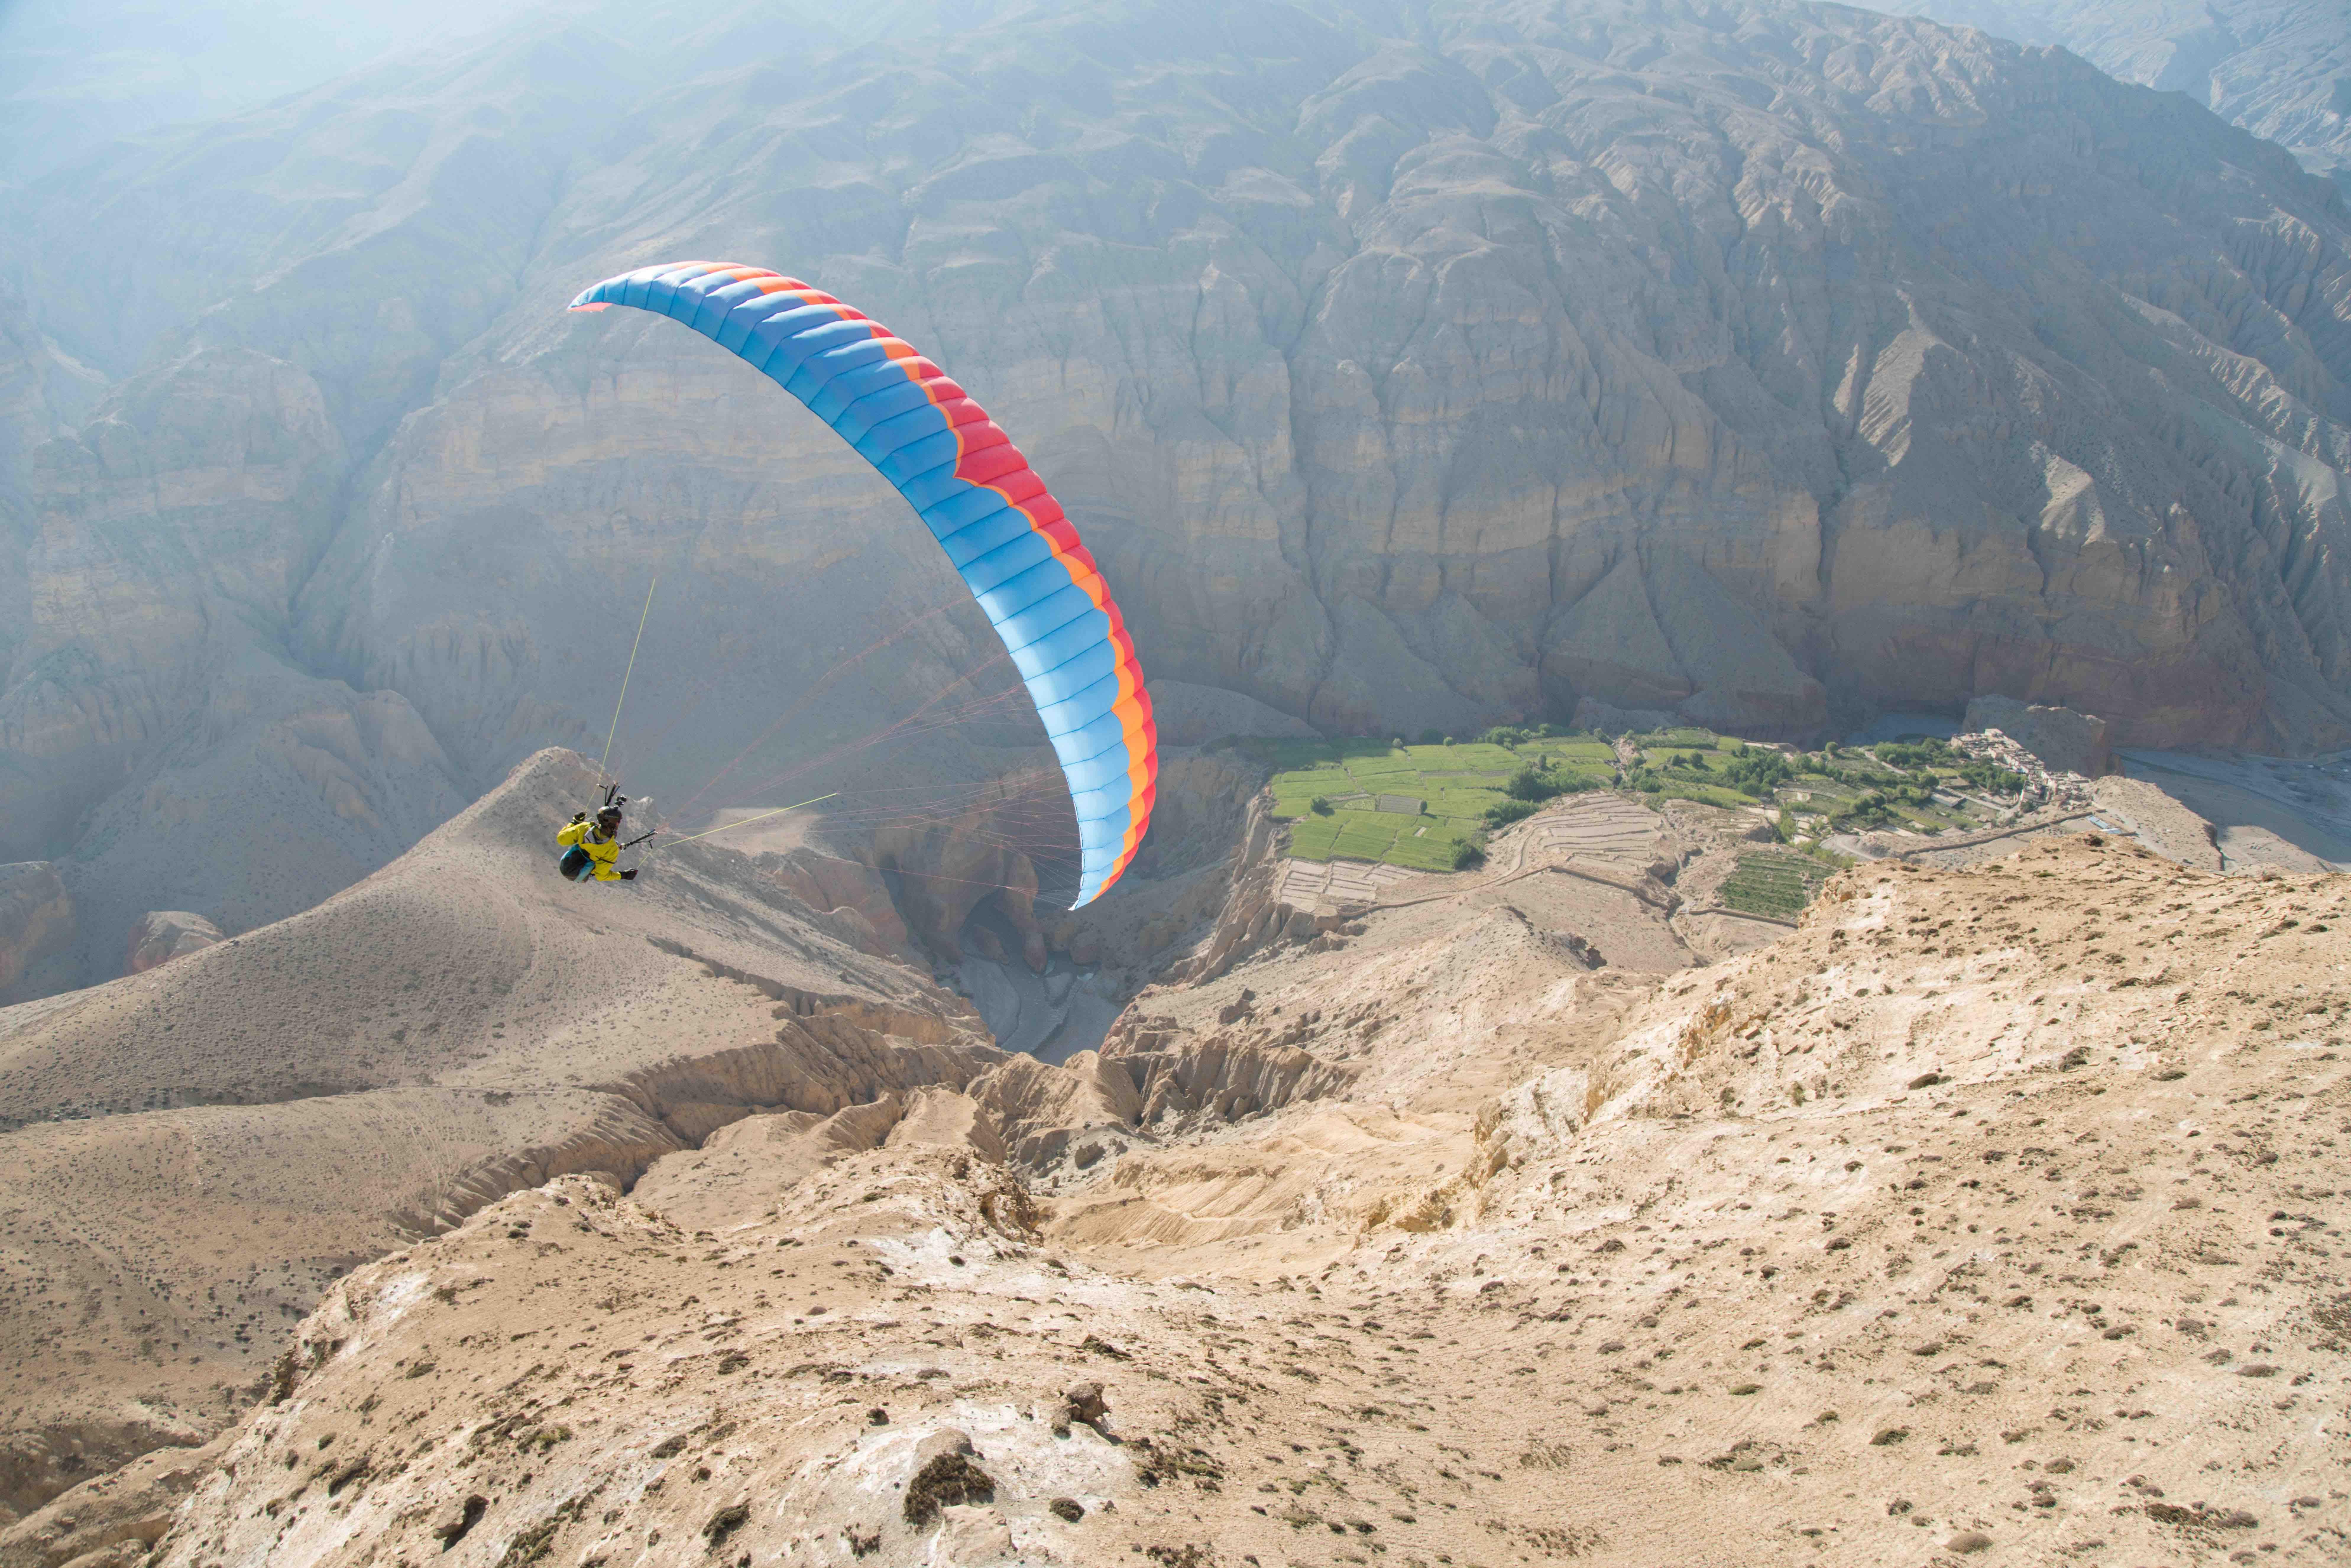 mustang-nepal-himalaya-expedition-05007